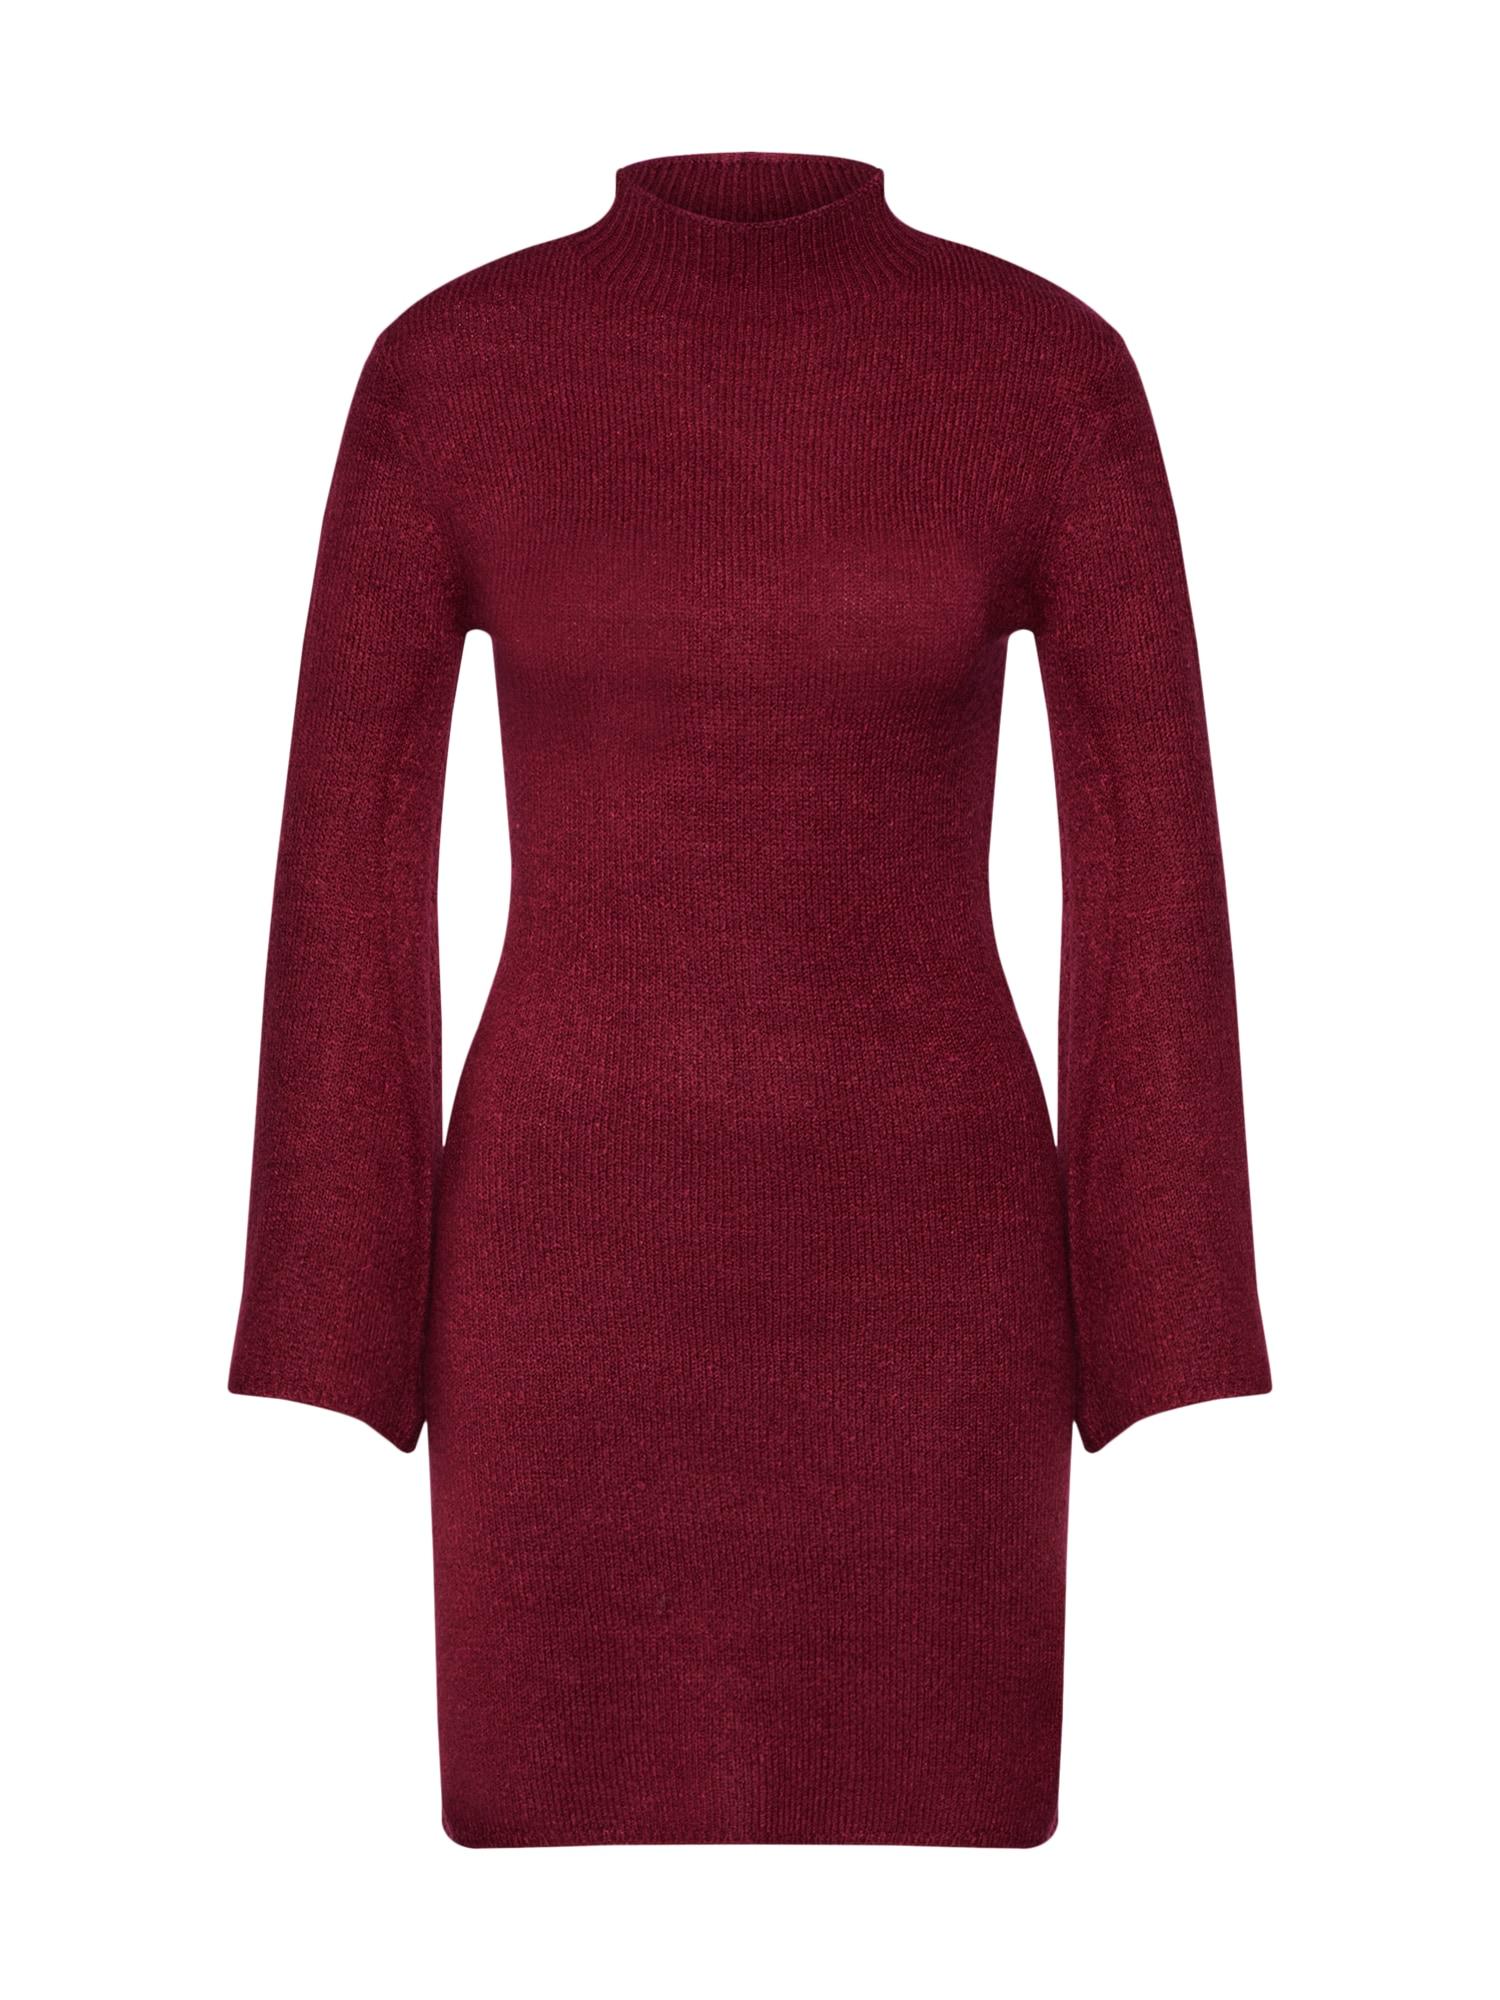 Úpletové šaty TASH ohnivá červená Bardot